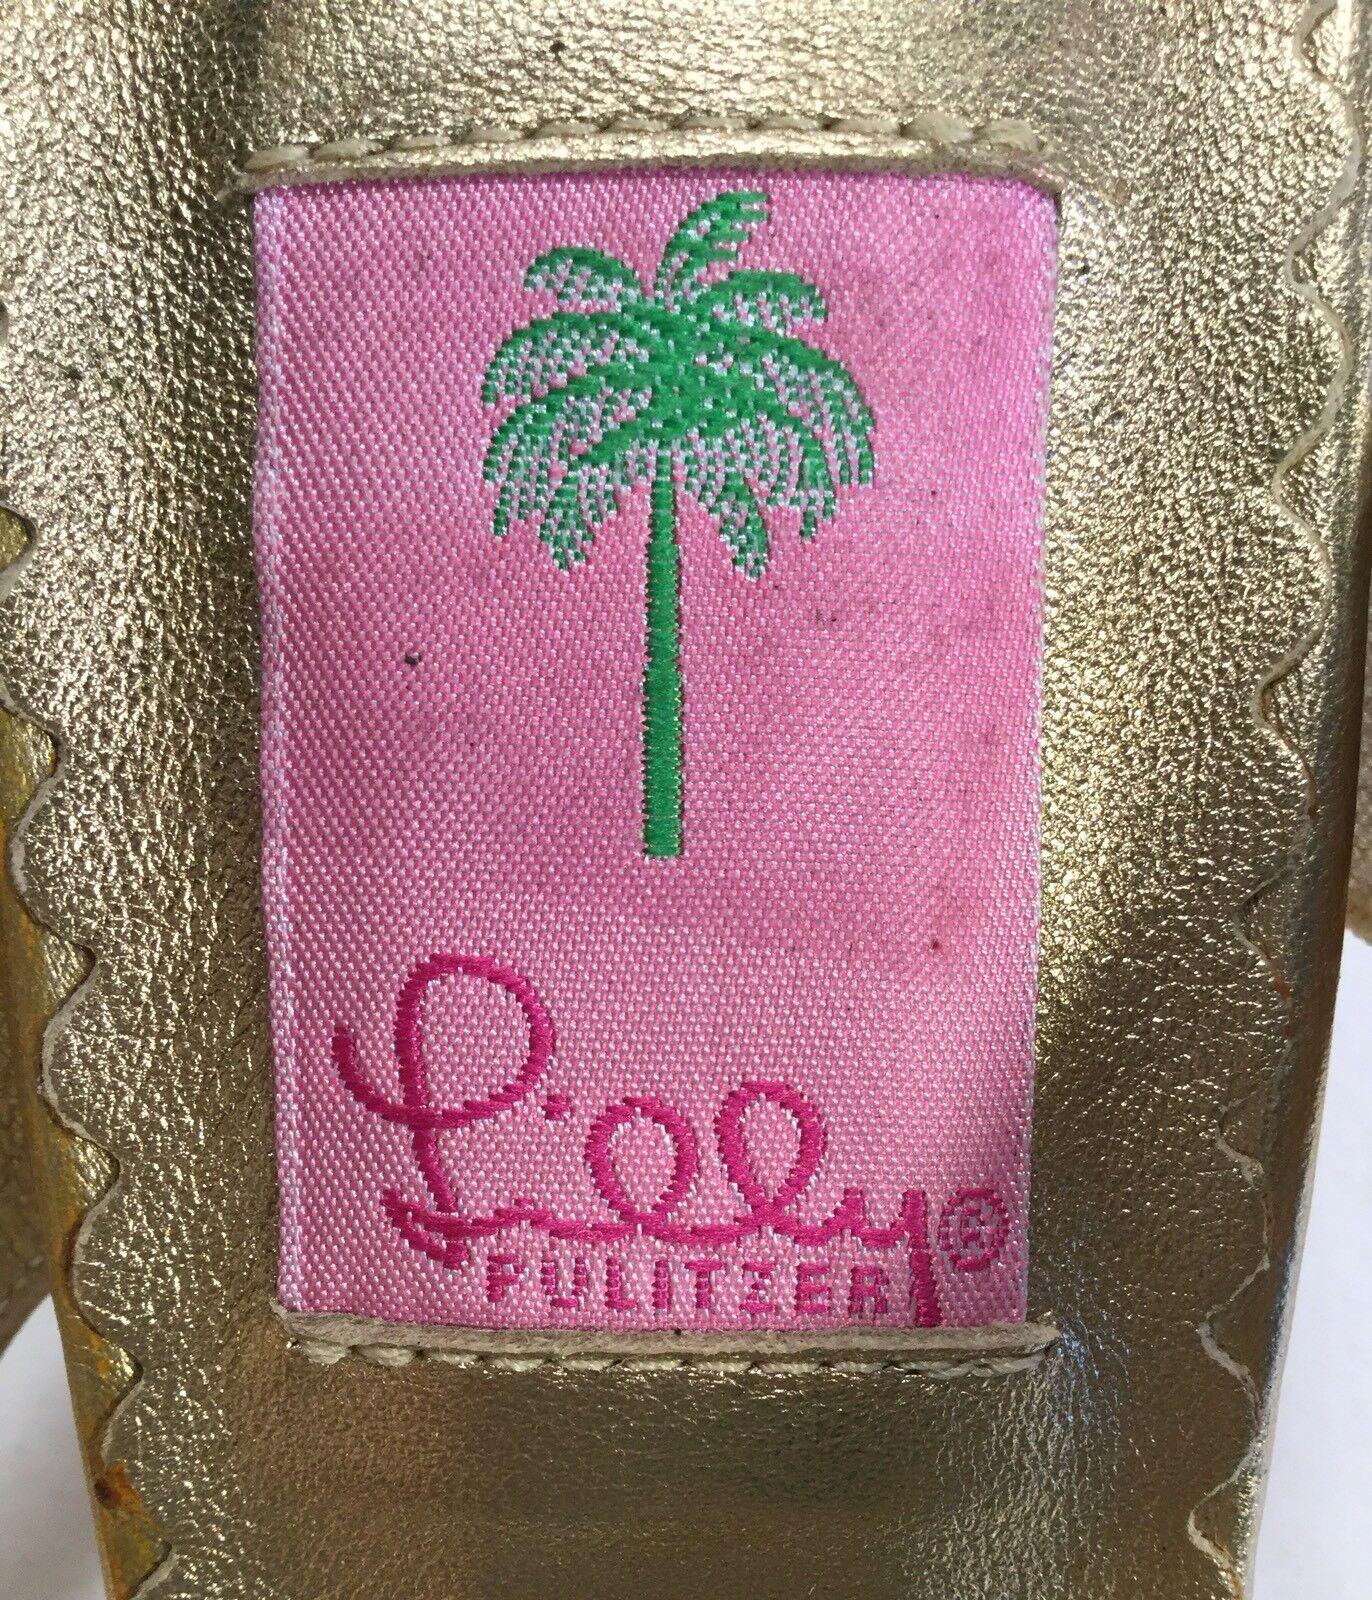 oro Metálico Sandalias Lilly Pulitzer 2 M  Tacones altos Tamaño 9.5 M 2 Exc. COND. 2f4964